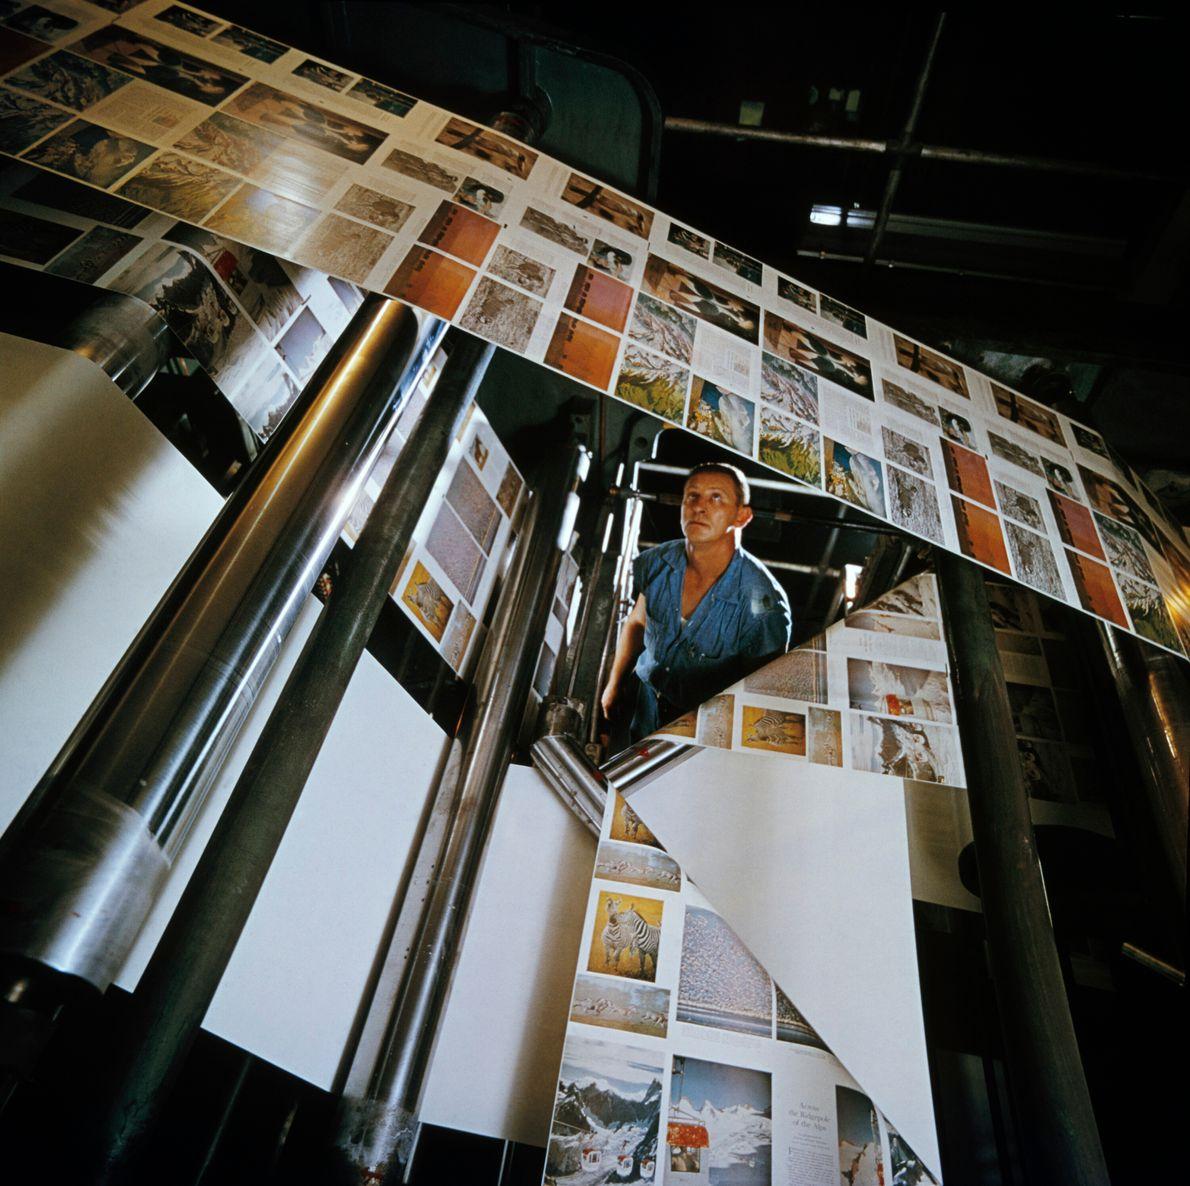 máquinas de impressão em papel de revista